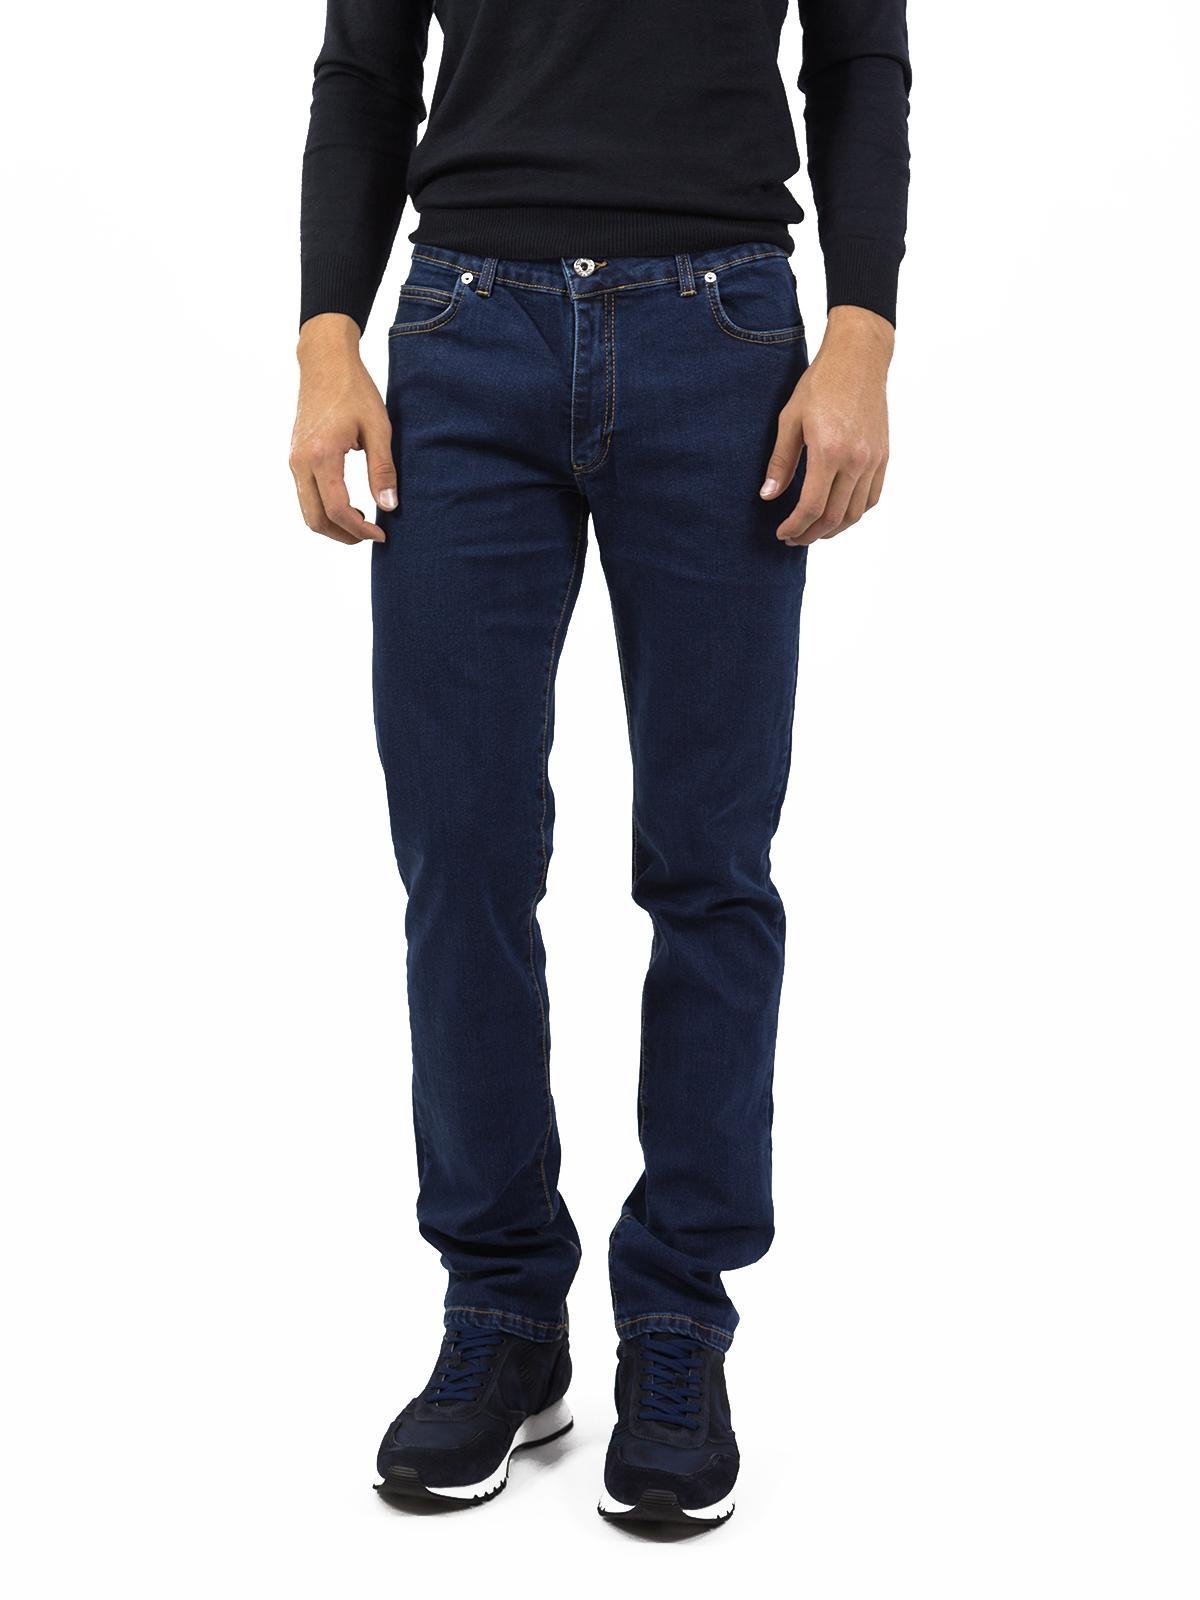 Klixs Jeans - Jeans - 01100 H